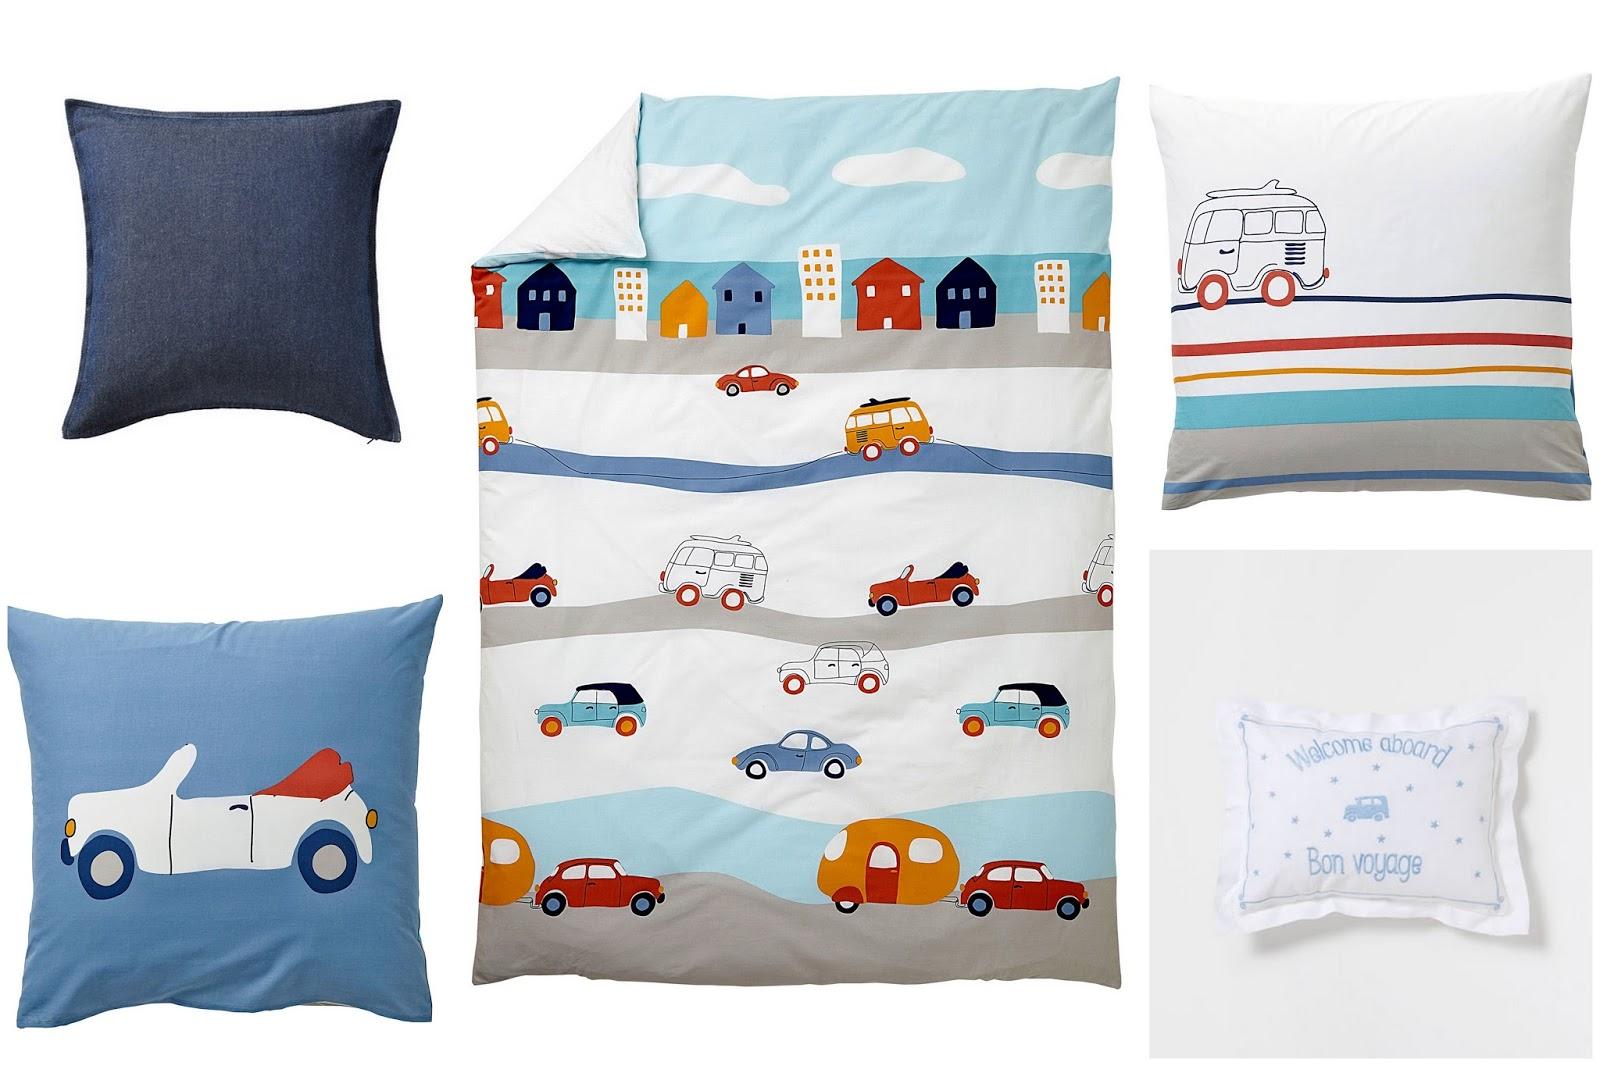 m de francisca depois da cama a decora o. Black Bedroom Furniture Sets. Home Design Ideas